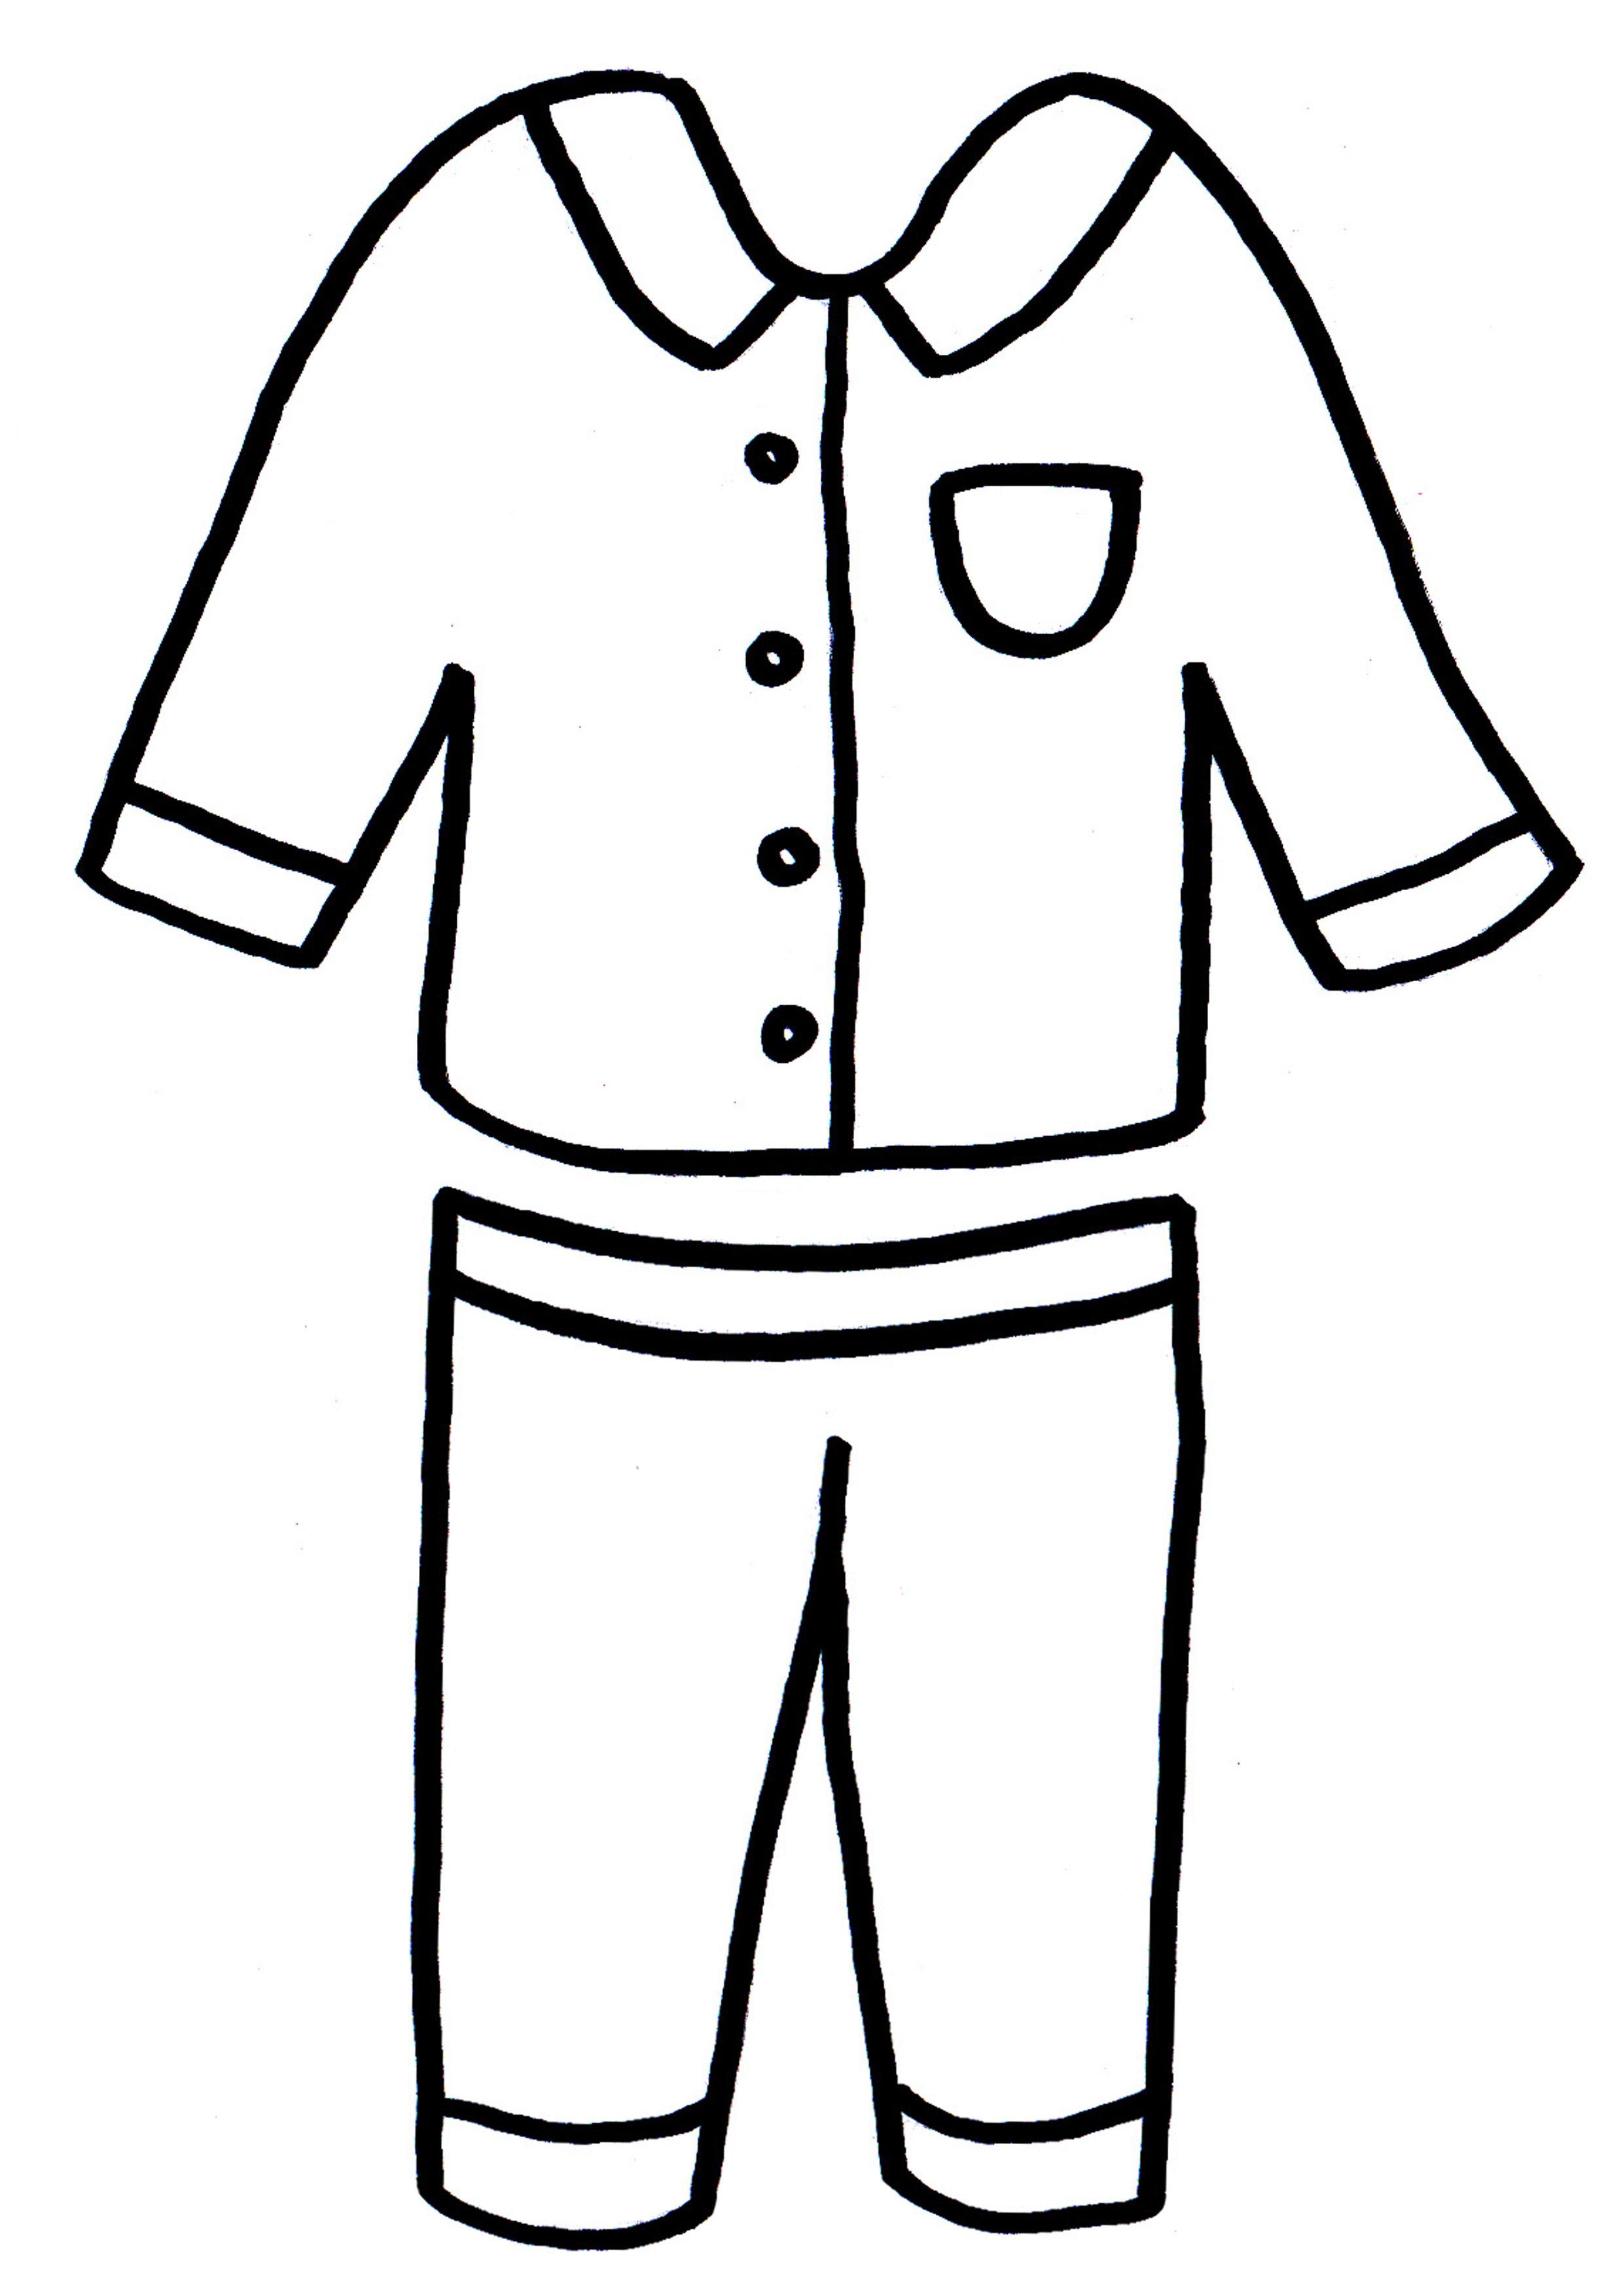 Pyjamas Drawing